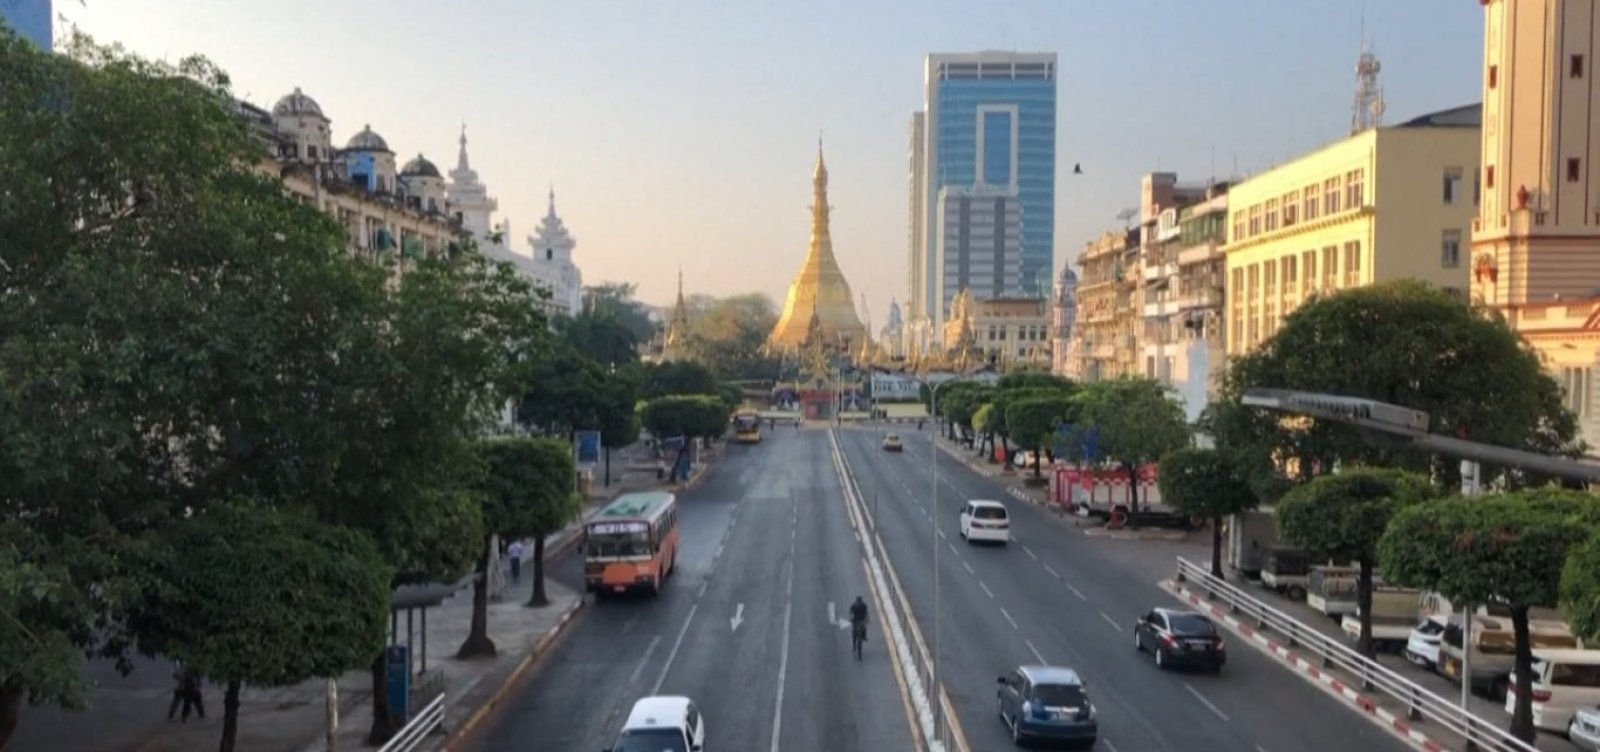 Militares dão golpe em Mianmar e acusam 'fraude eleitoral'; lideranças do governo são presas